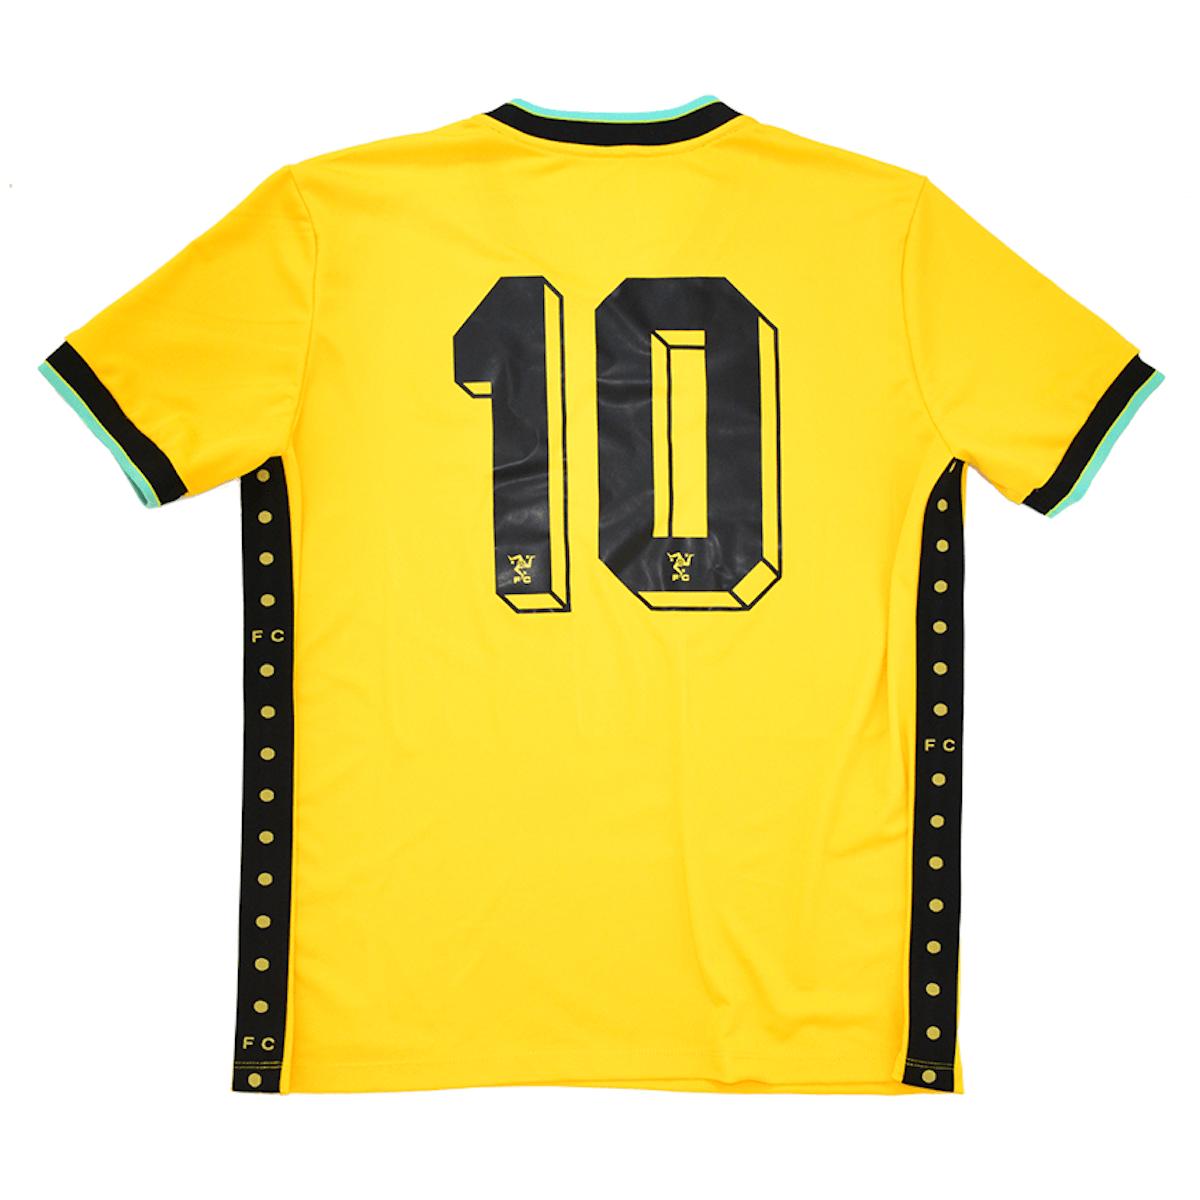 ニューヨークで話題のストリートサッカークラブNowhere FC×CROSS THE BORDER、コラボ商品ローンチパーティーレポート life180621-nowhereFC11-1200x1200